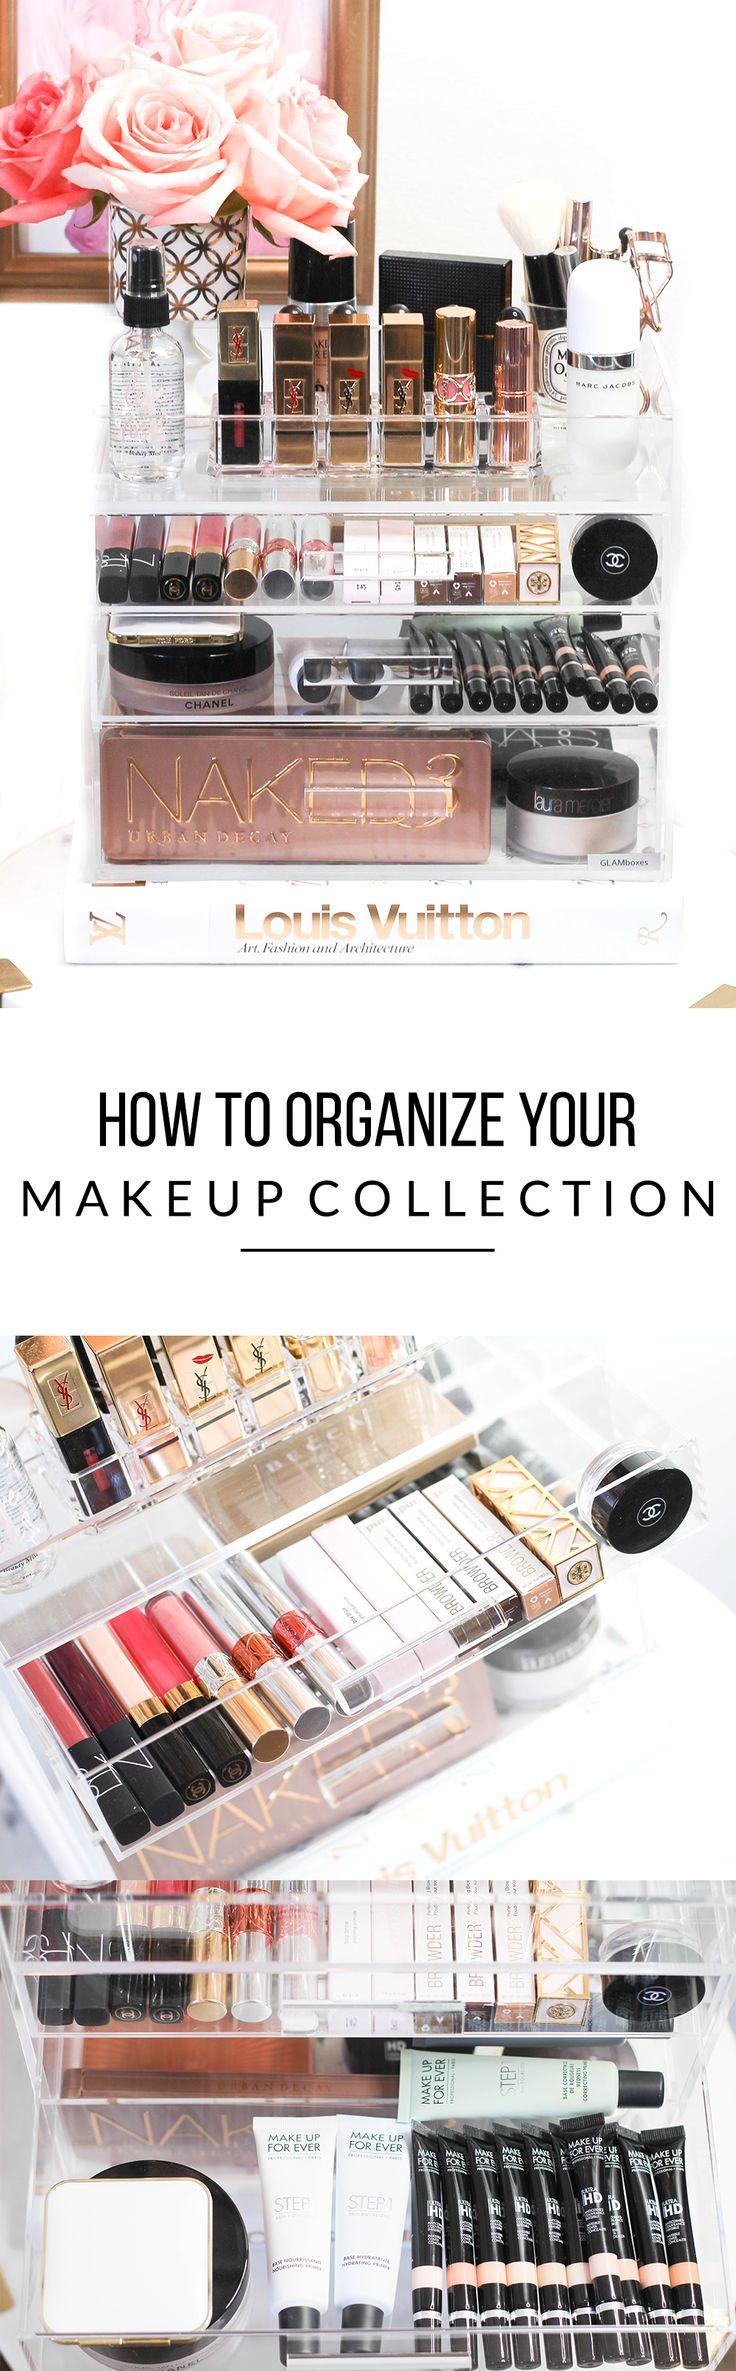 How To Organize Your Makeup Collection | Makeup Organization | Acrylic Makeup Organizers